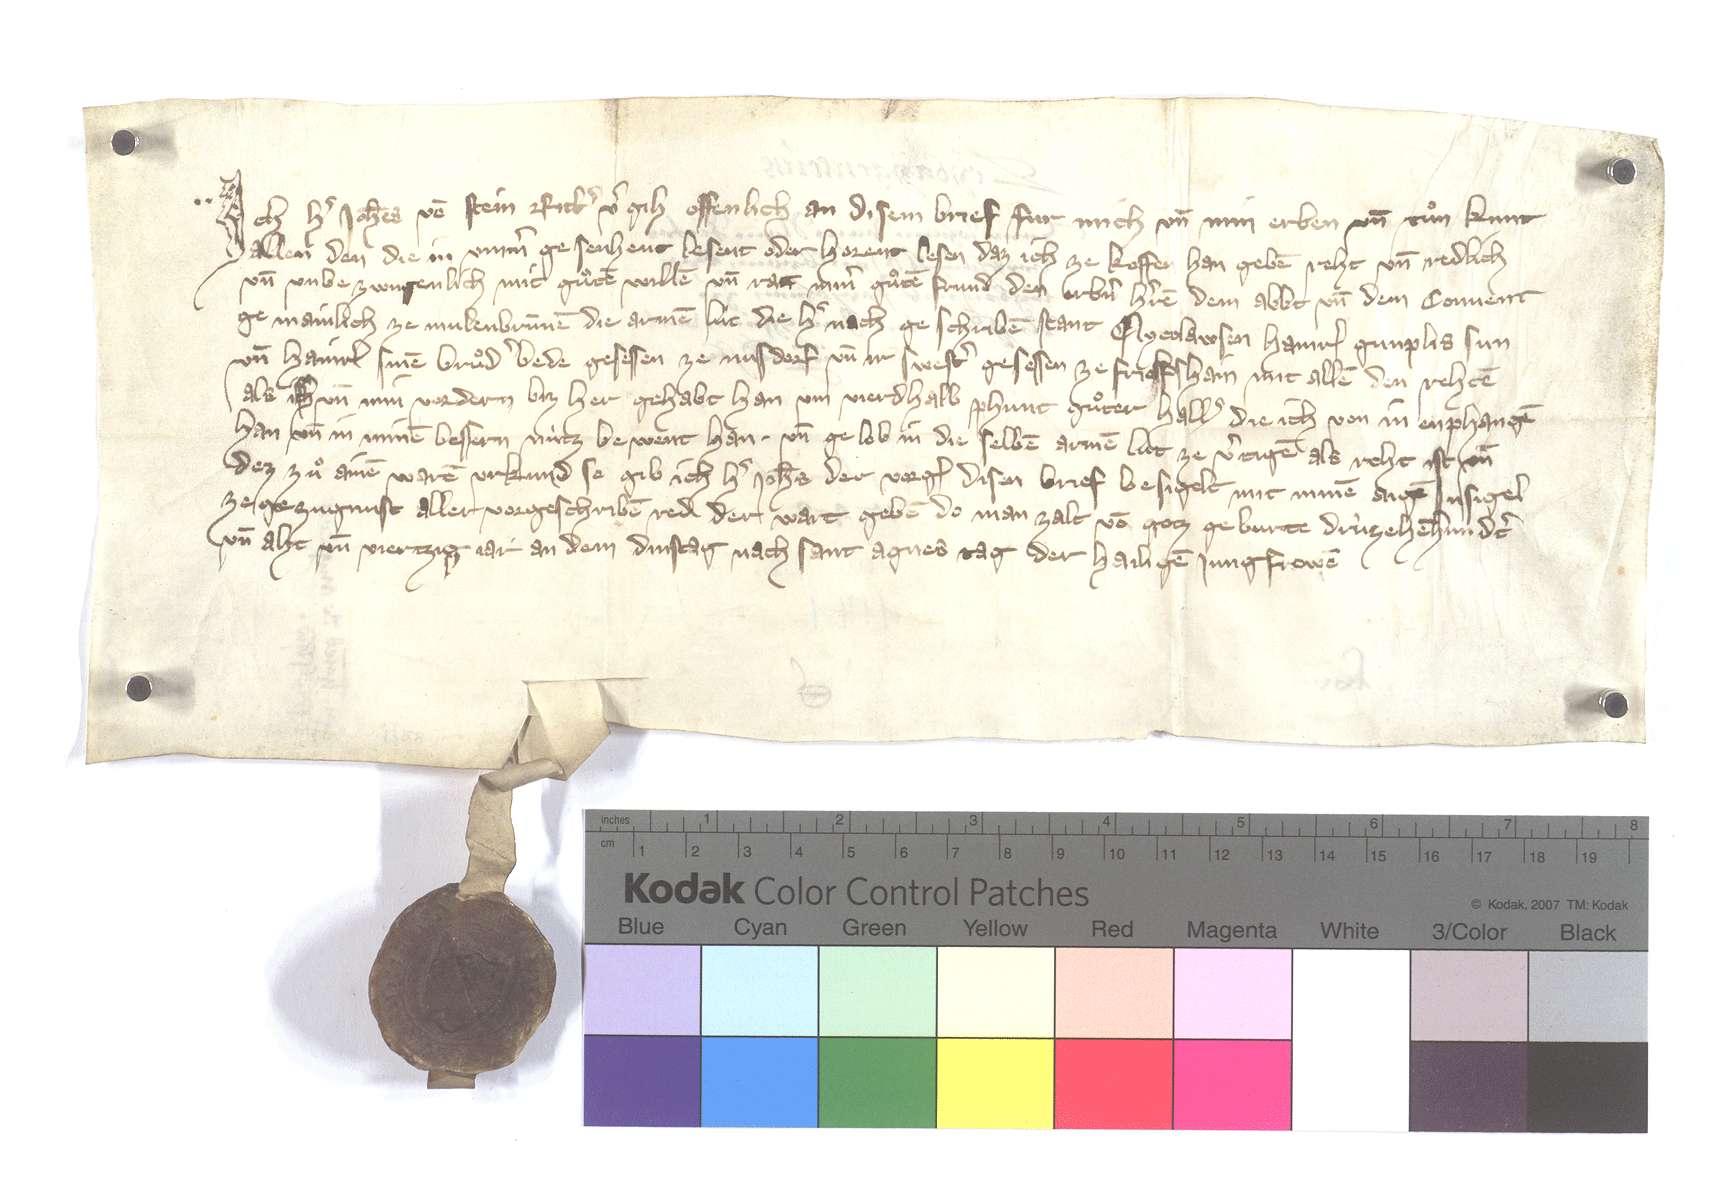 Fertigung des Johann vom Stein gegen das Kloster Maulbronn um drei Leibeigene zu Nußdorf und Friolzheim., Text